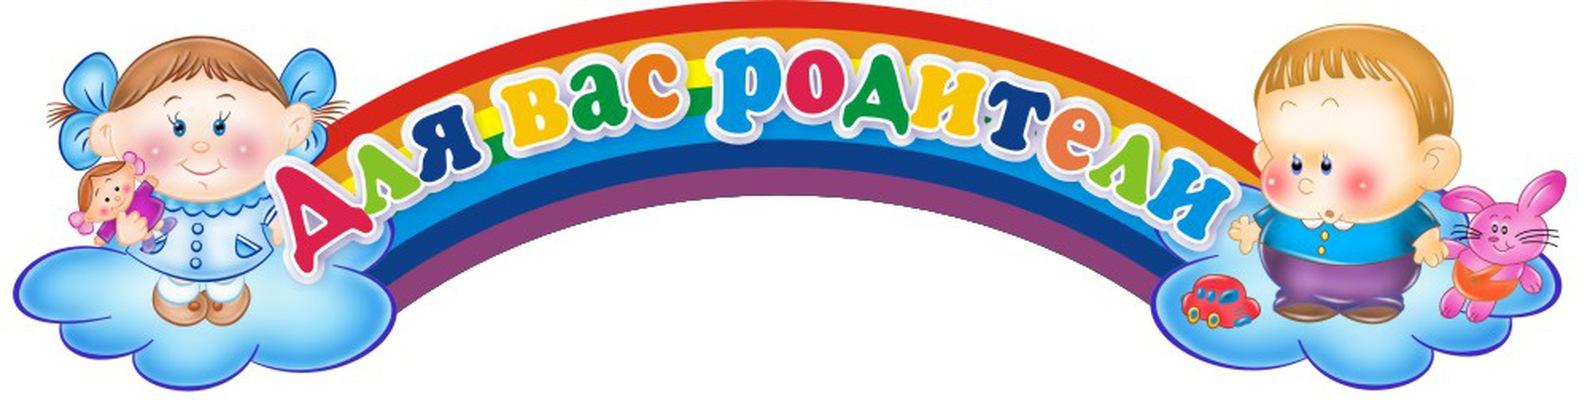 Надпись для вас родители в детский сад картинки